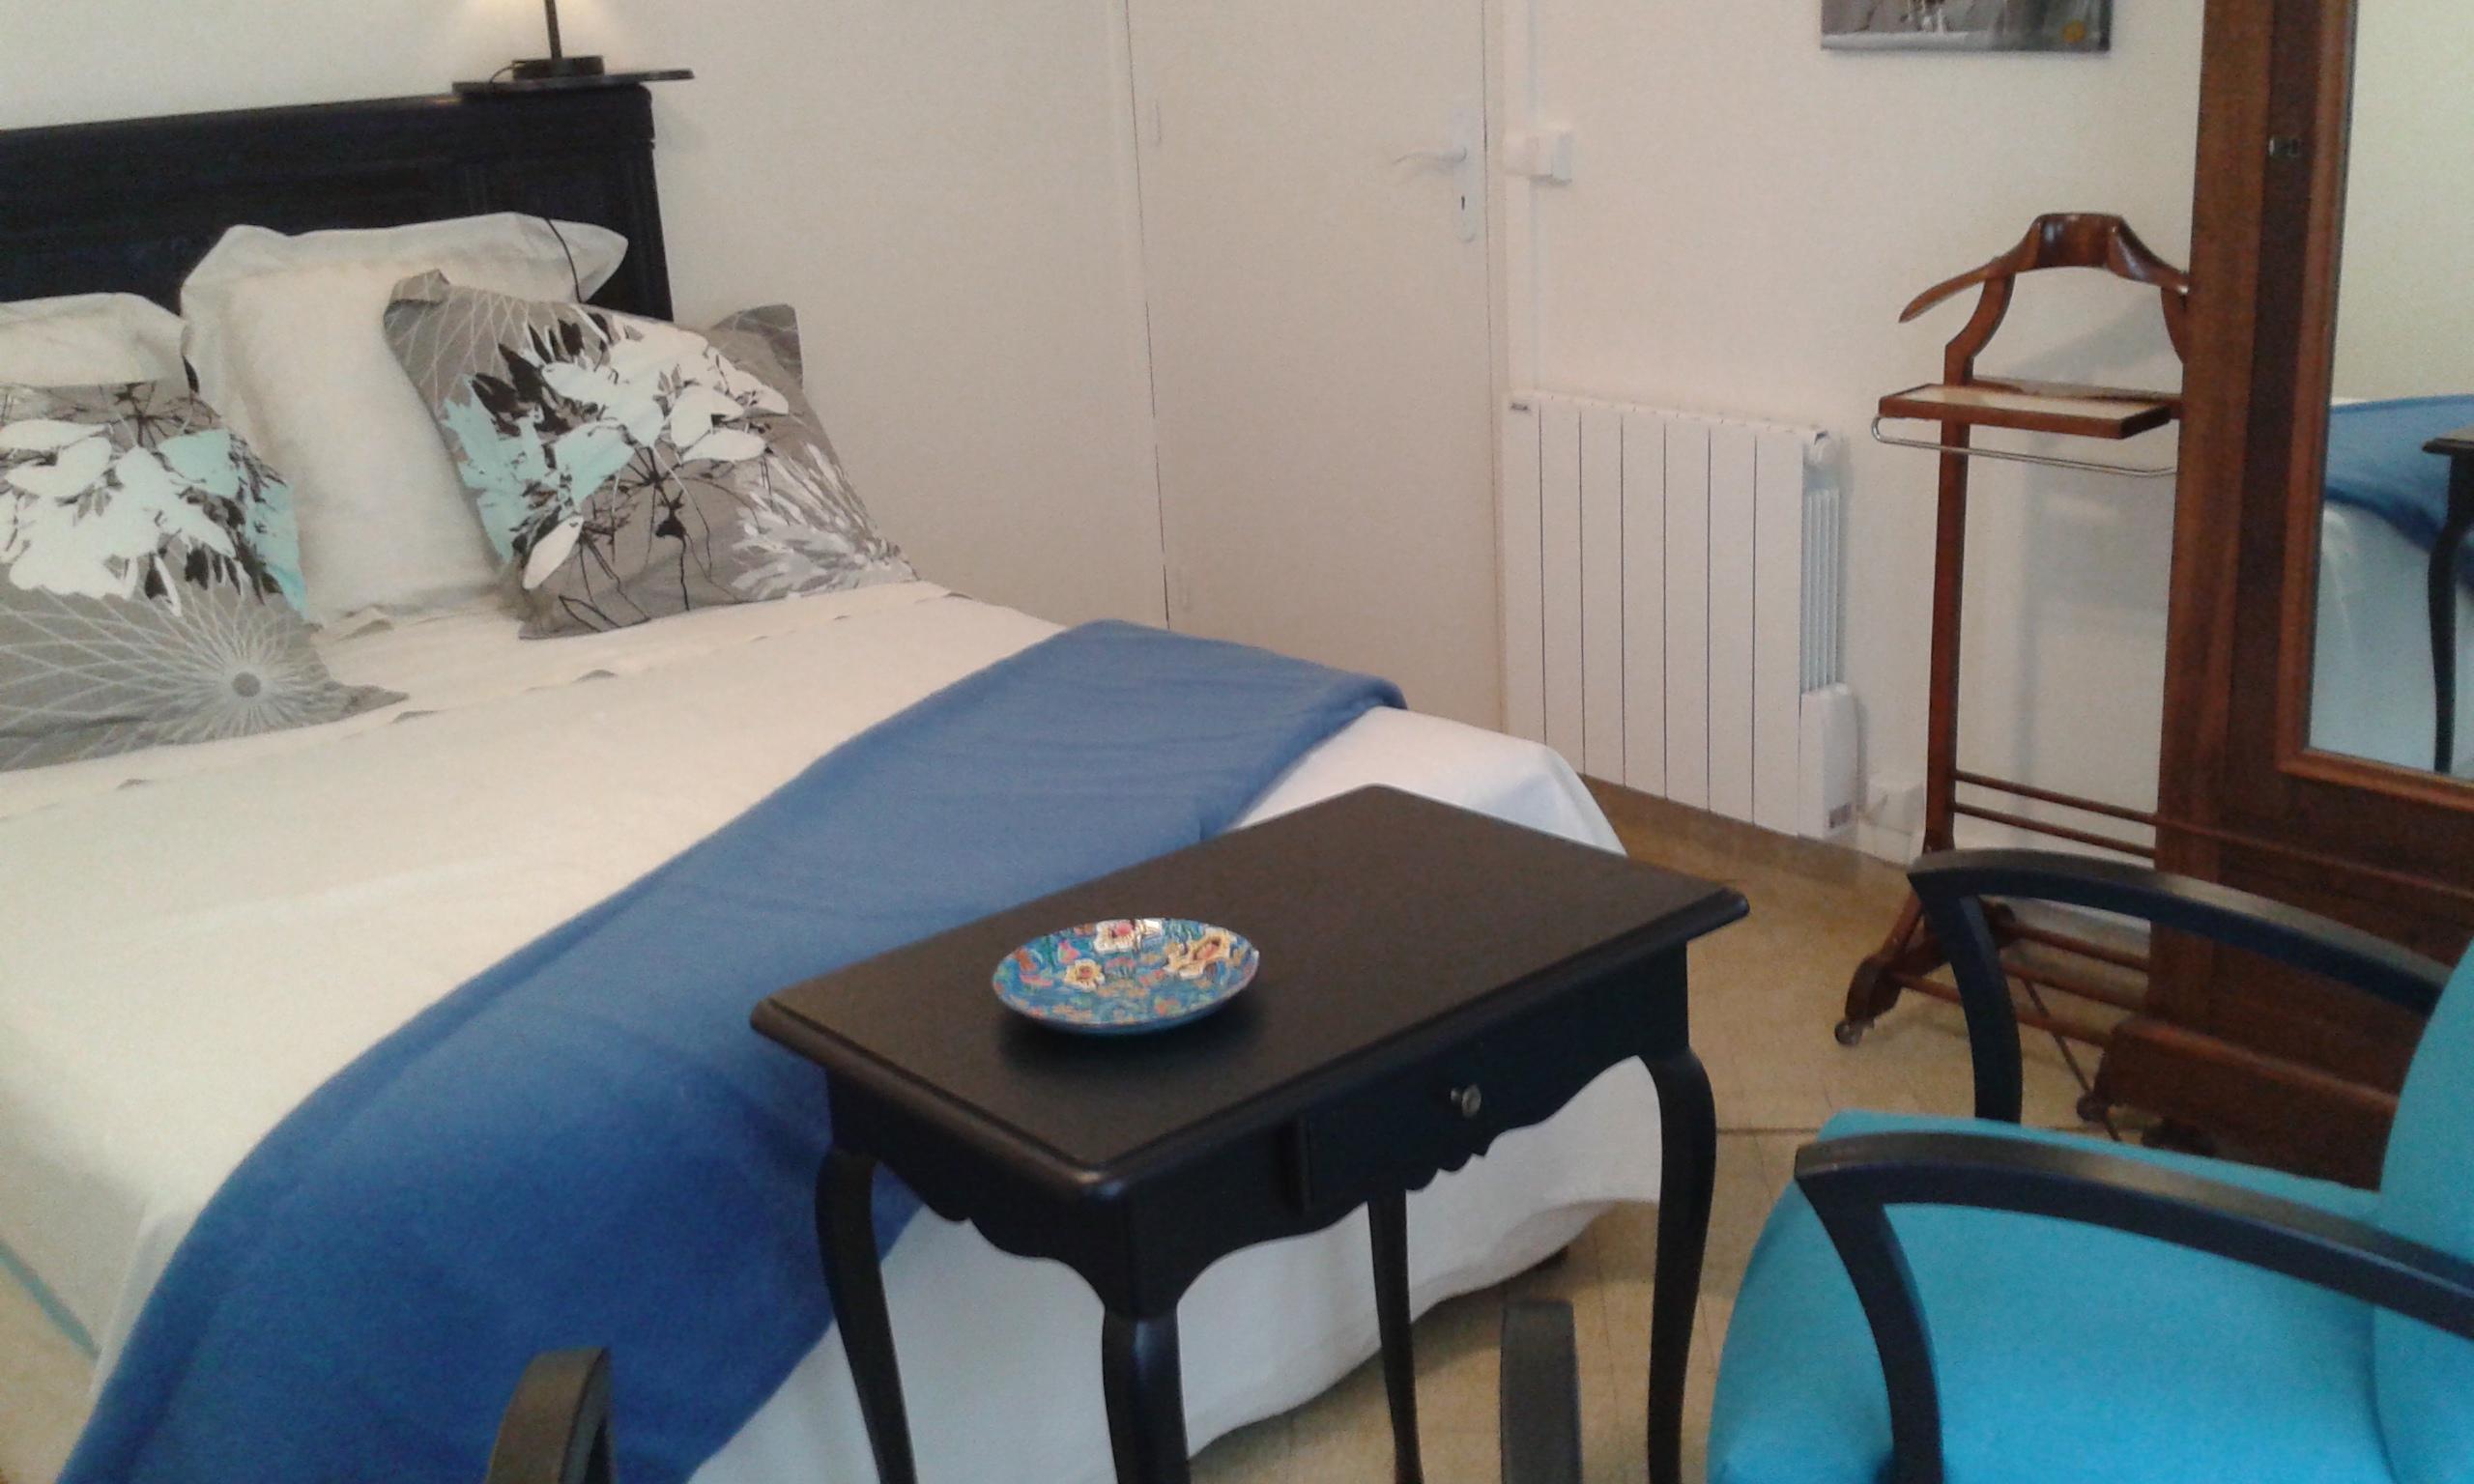 Chambre indigo chambres d 39 h tes de charme aix en provence - Chambre des commerces aix en provence ...